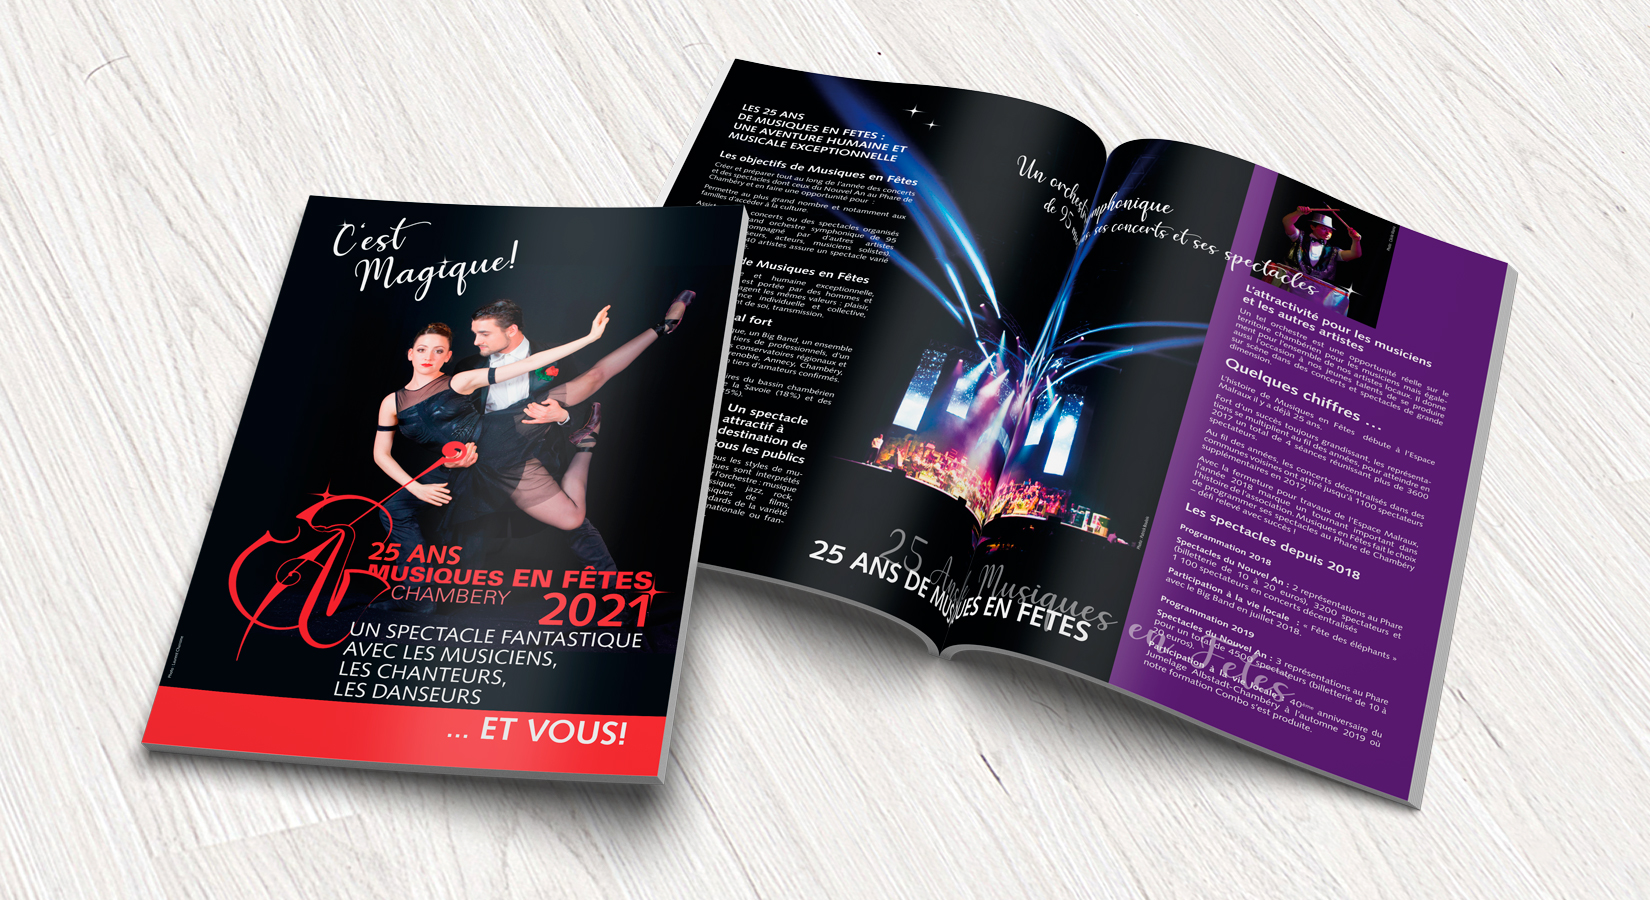 Broschüre zur Sponsorengewinnung für Musiques en Fêtes